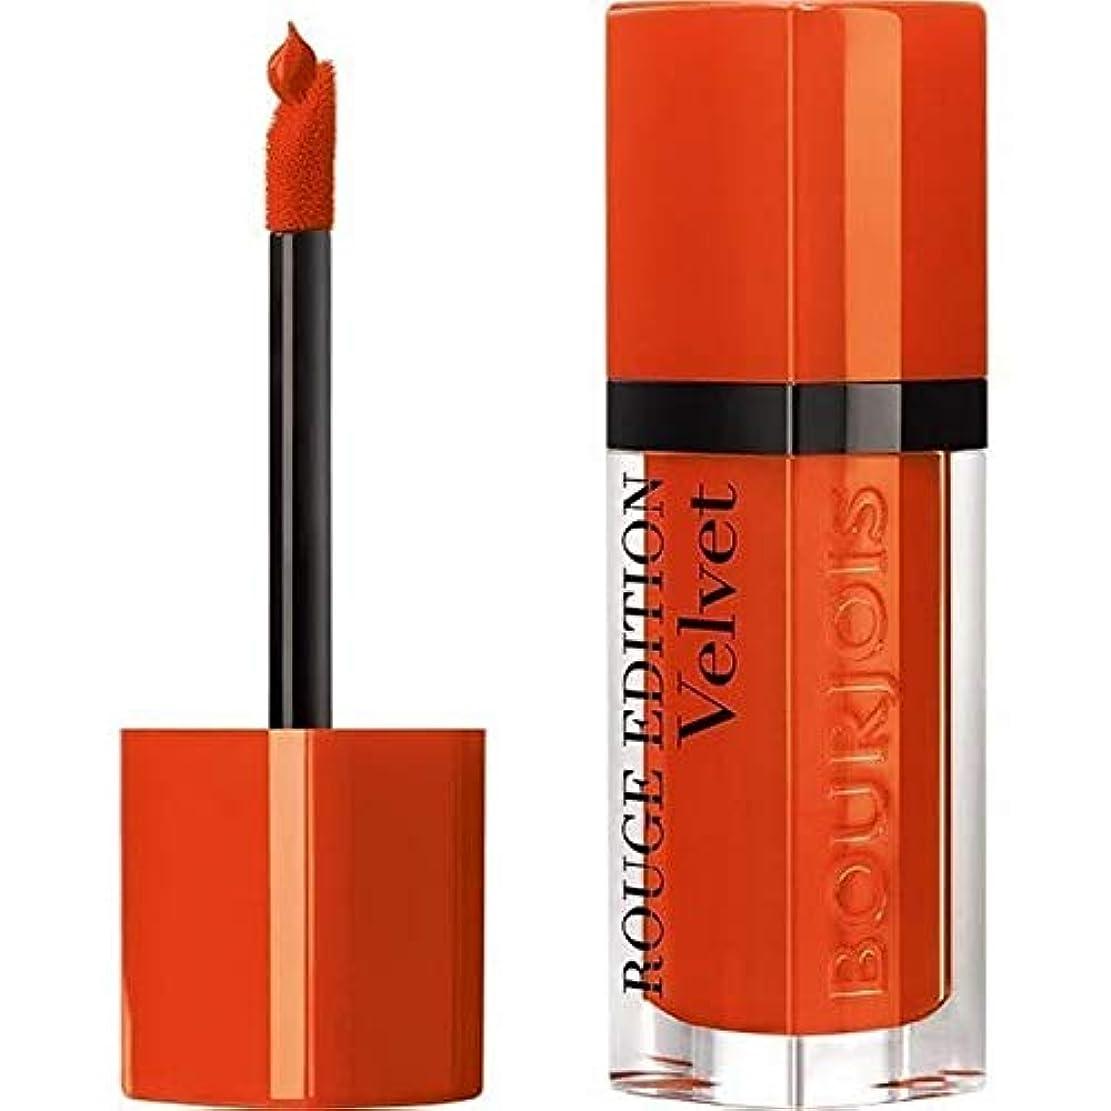 反対狼桁[Bourjois ] ブルジョワ液状口紅ルージュ版ベルベットOranginal 30 - Bourjois Liquid Lipstick Rouge Edition Velvet Oranginal 30 [並行輸入品]